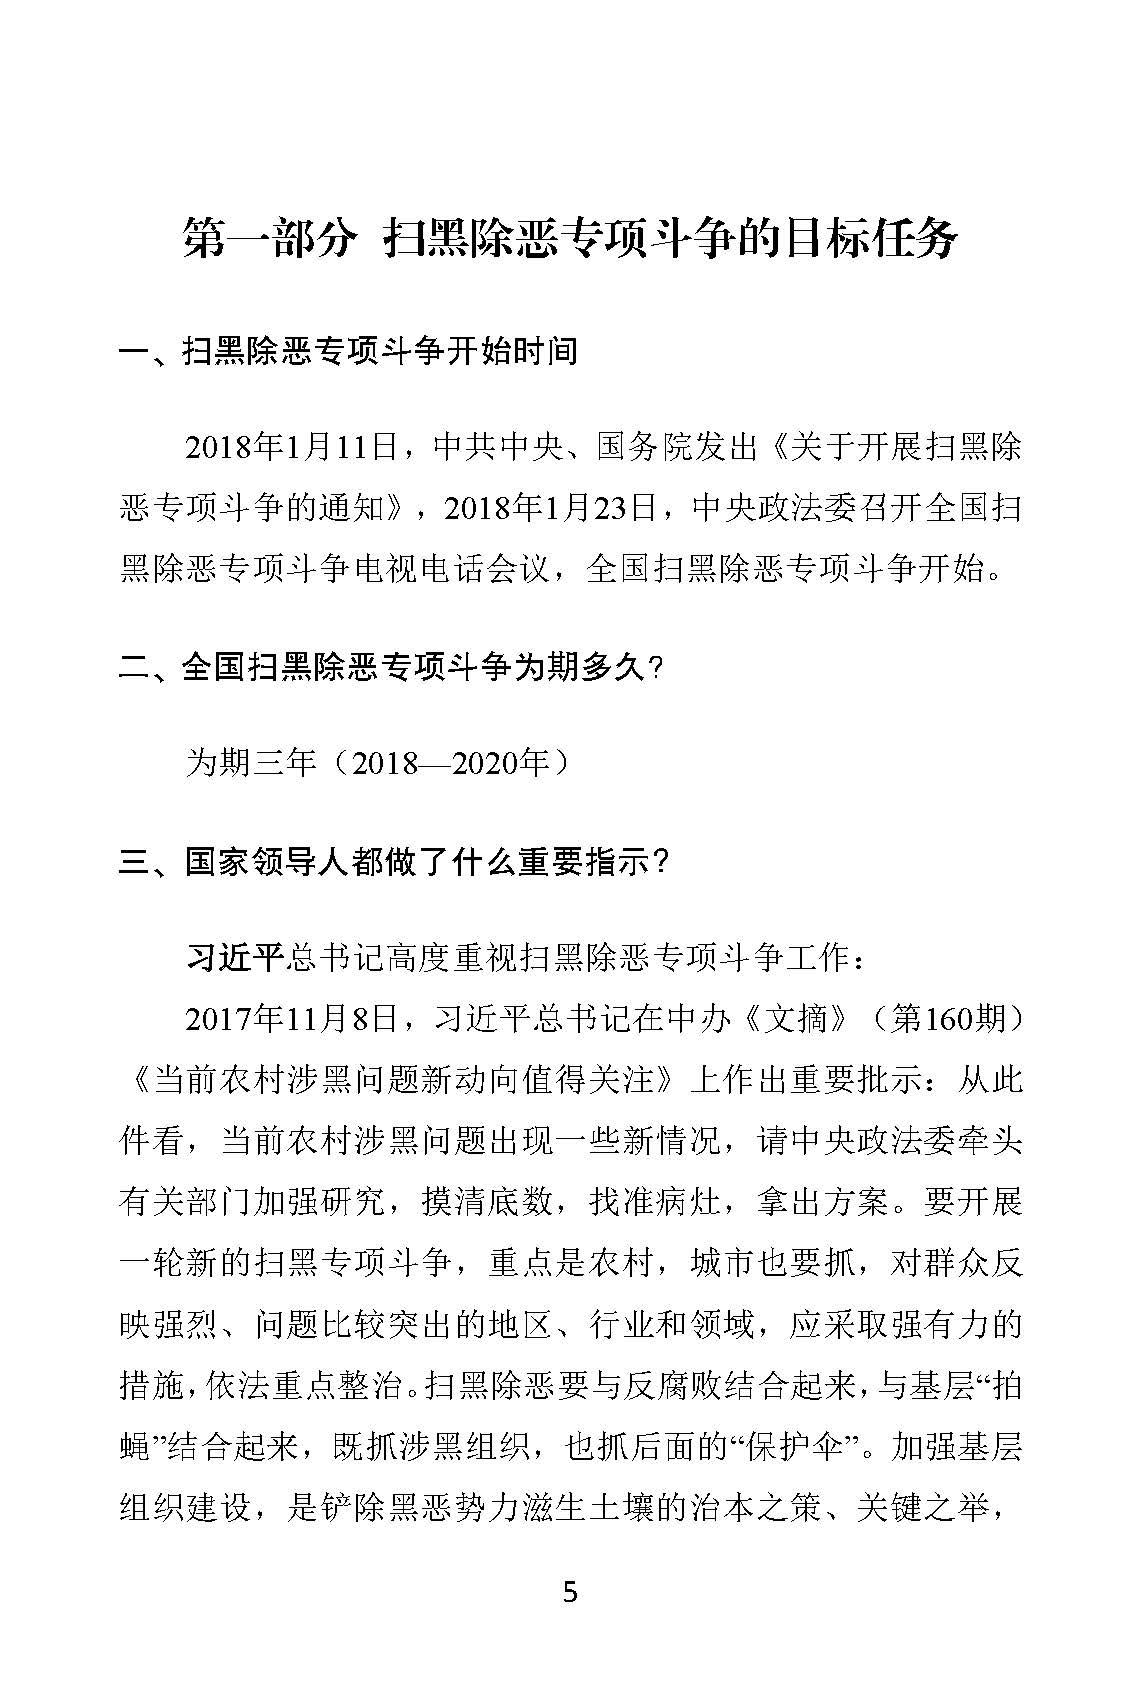 贺州市扫黑除恶  应知应会知识汇编_页面_05.jpg